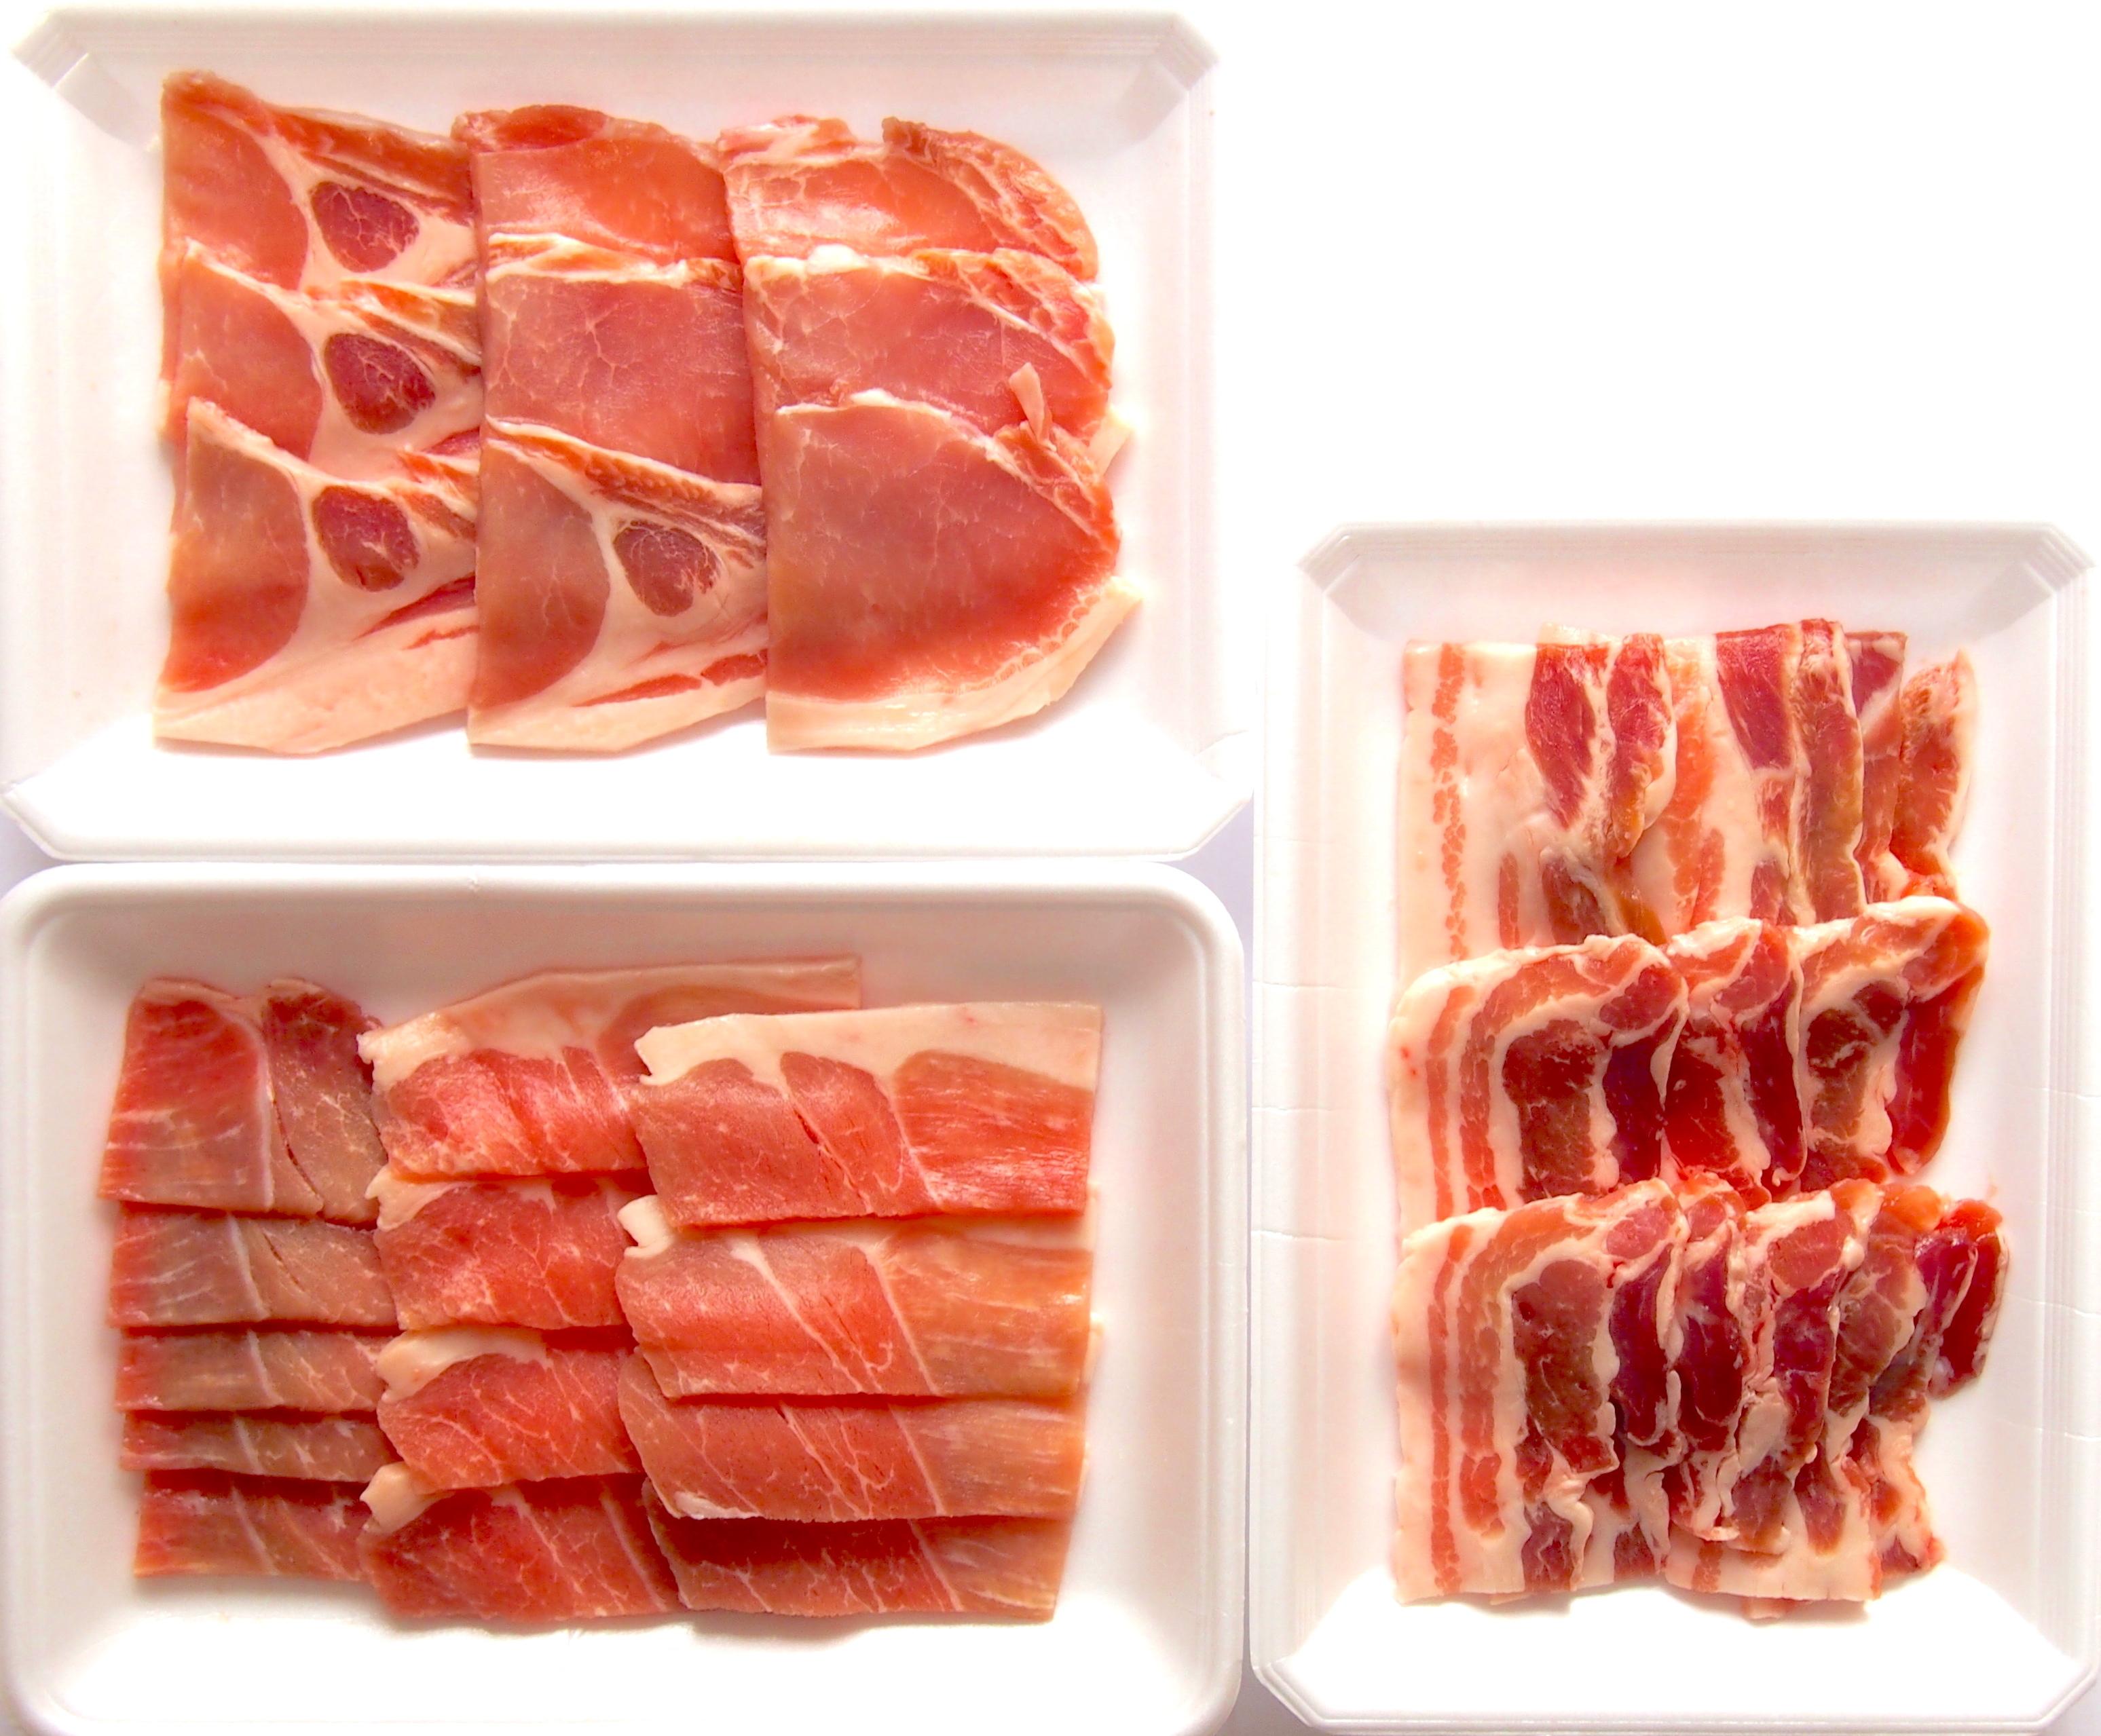 ぴりか豚 焼き肉 人気3部位食べ比べセット【1〜2人用】